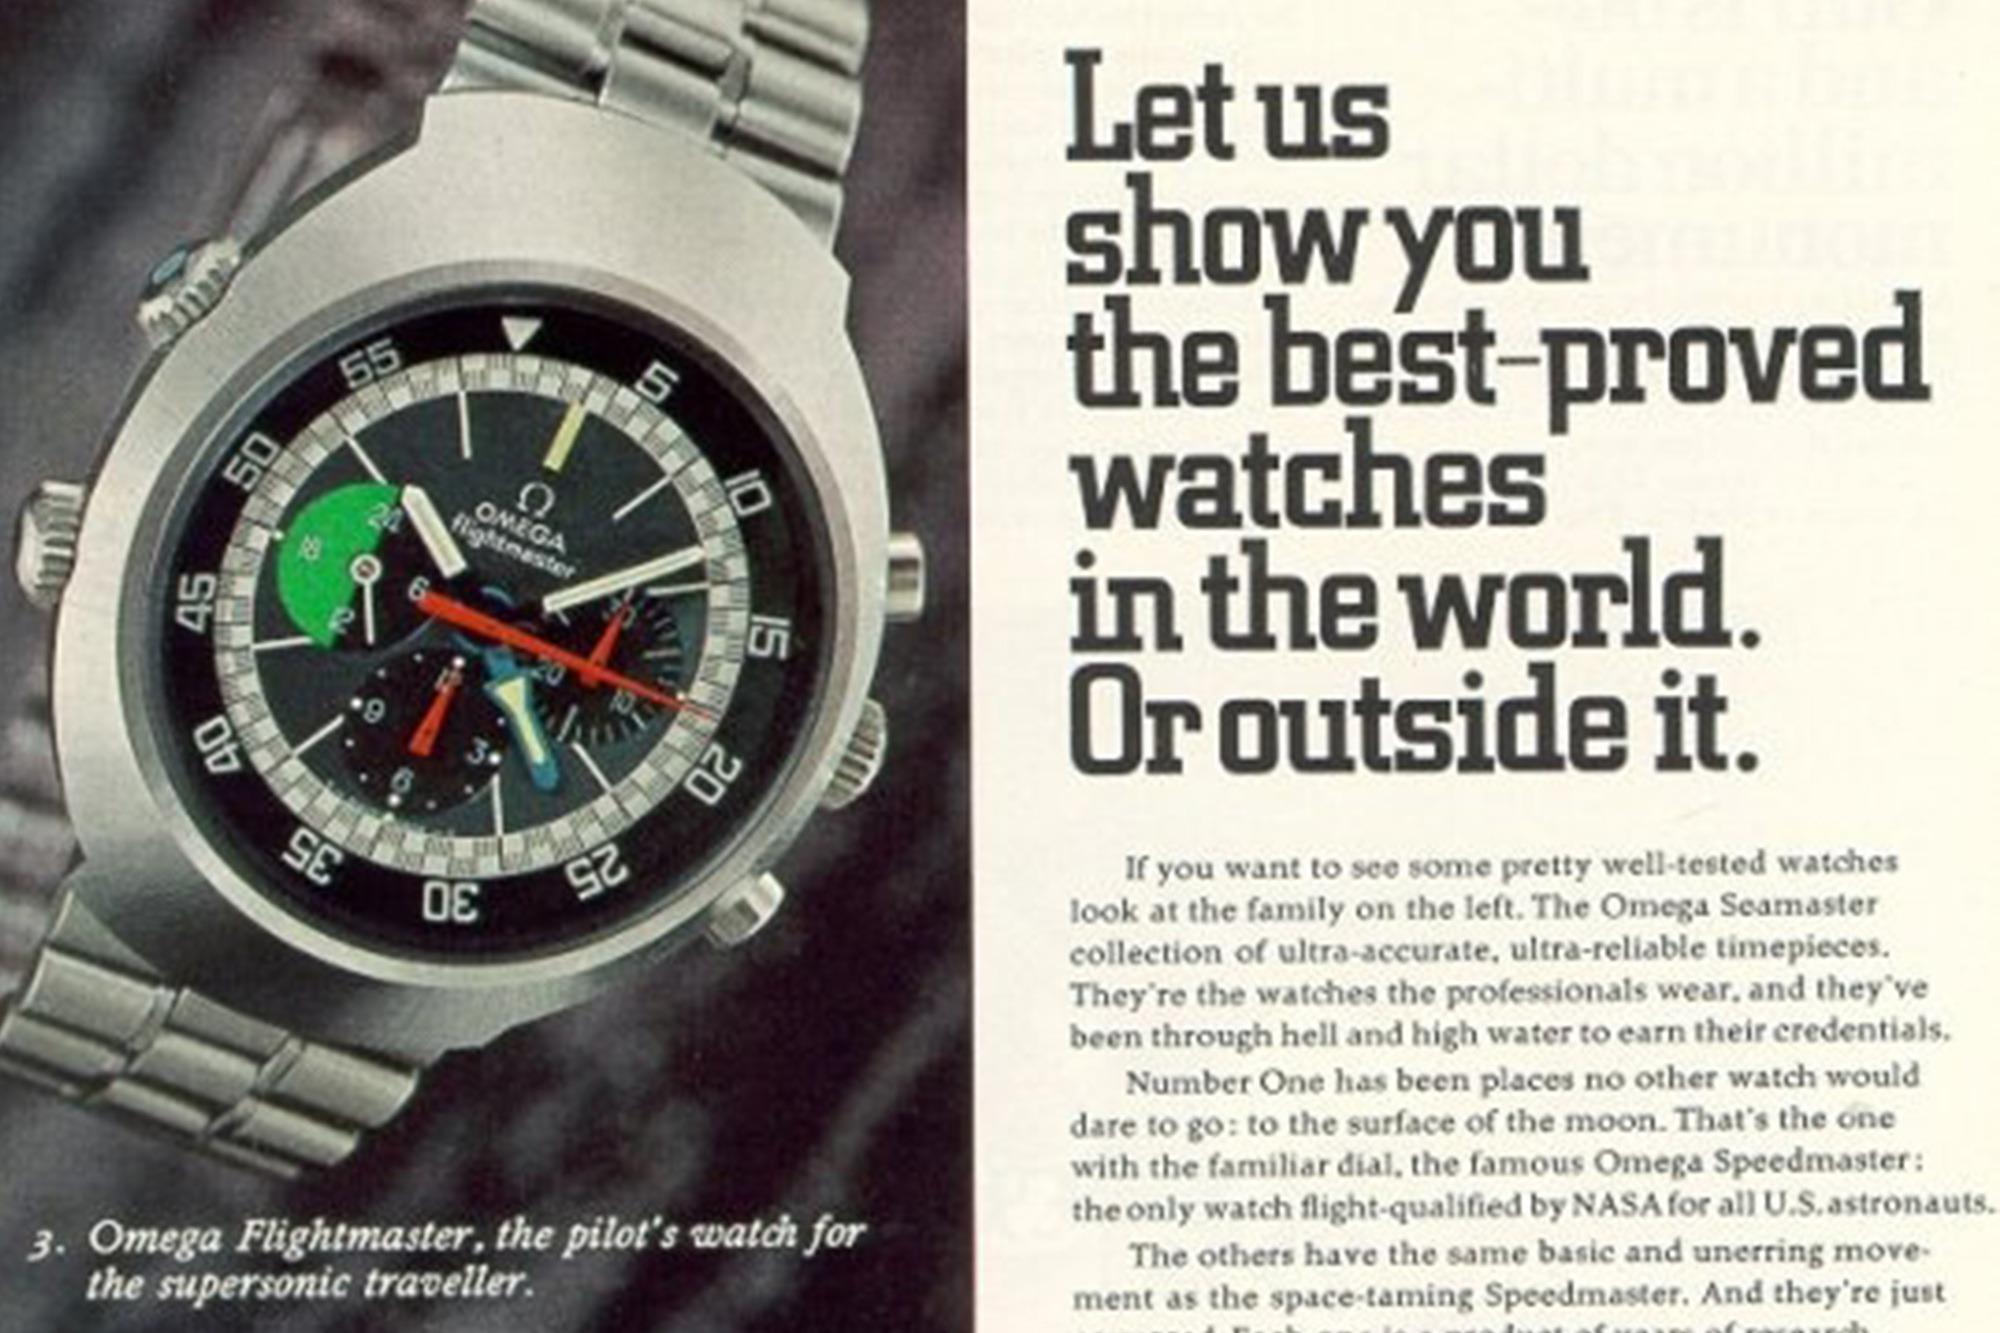 Omega Flightmaster Ad